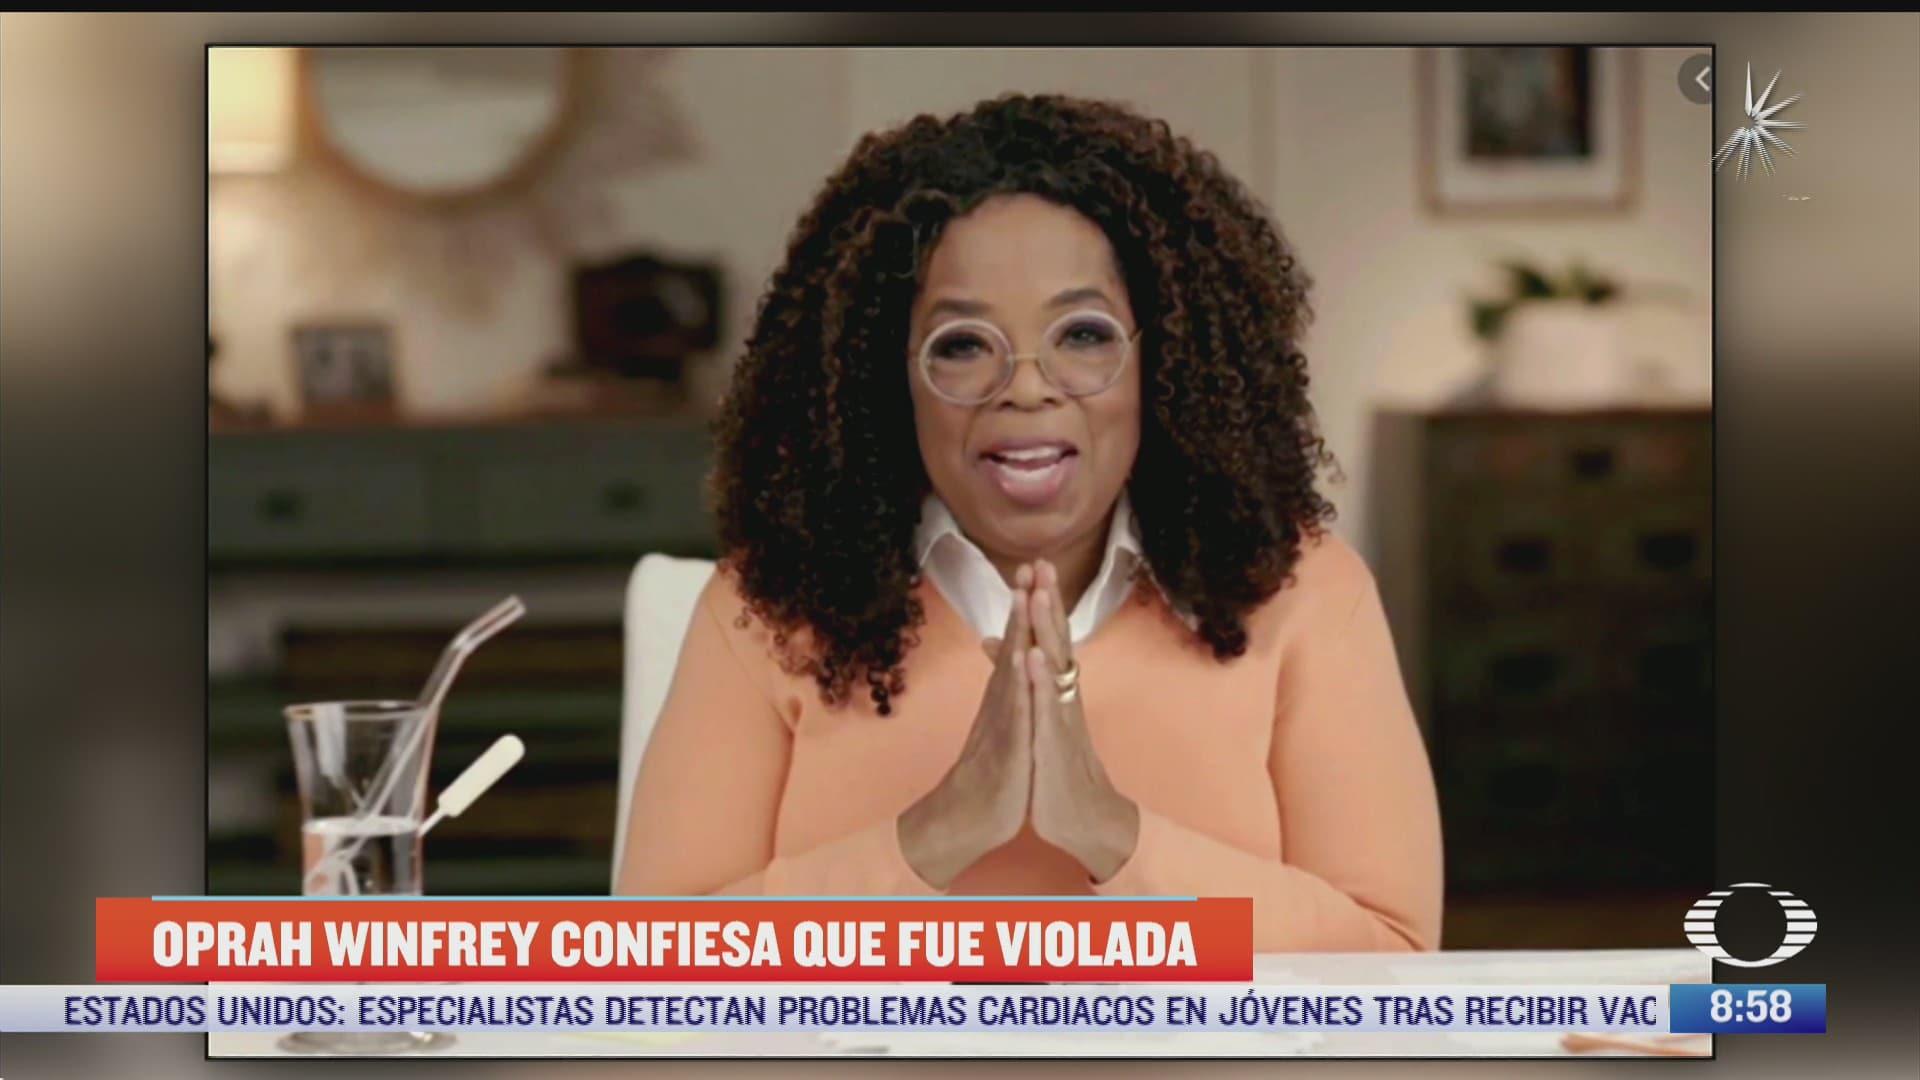 oprah winfrey confiesa que fue violada en varias ocasiones